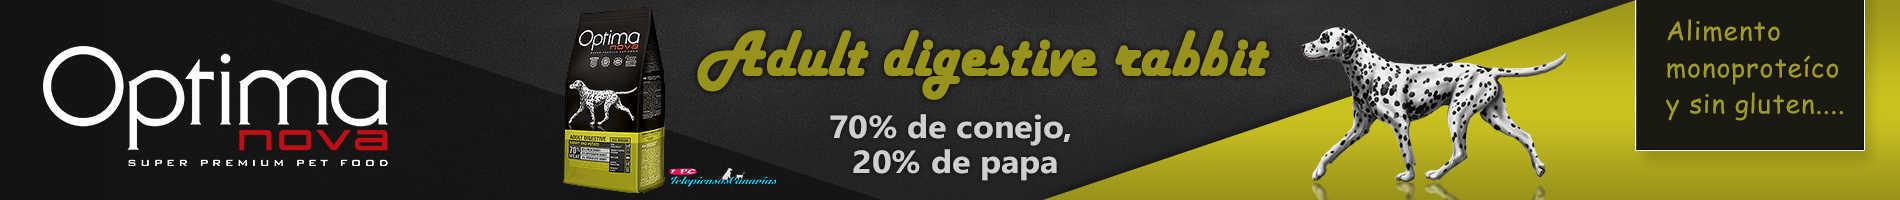 Optima nova adult digestive con 70% de conejo, papa y sin cereal